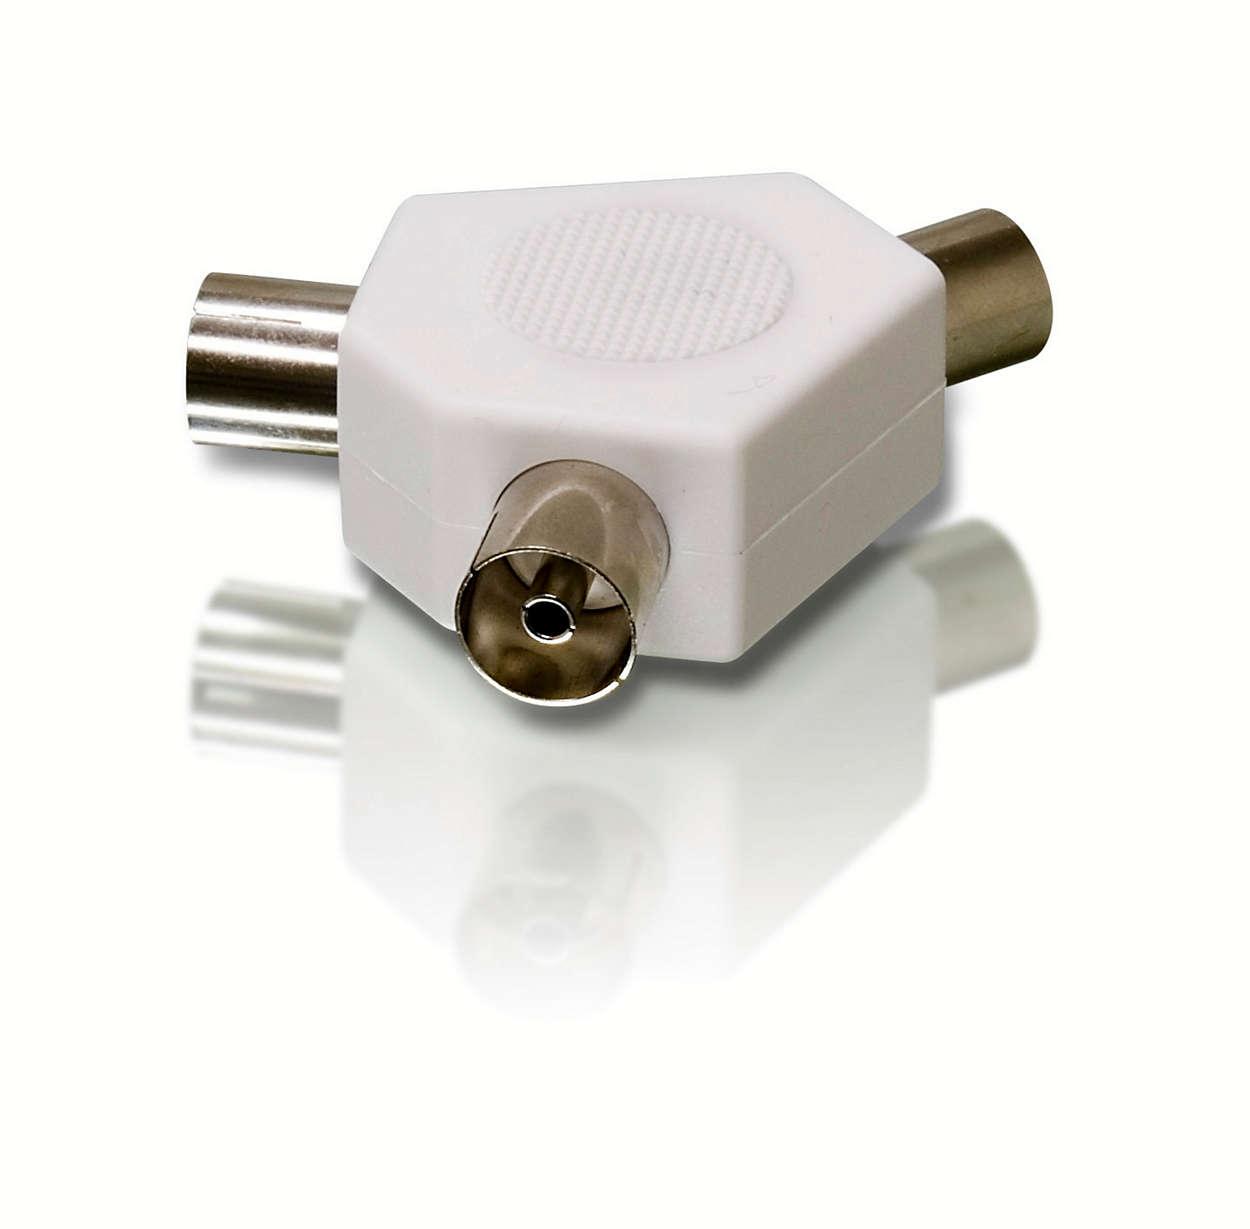 Garanta uma ligação fiável